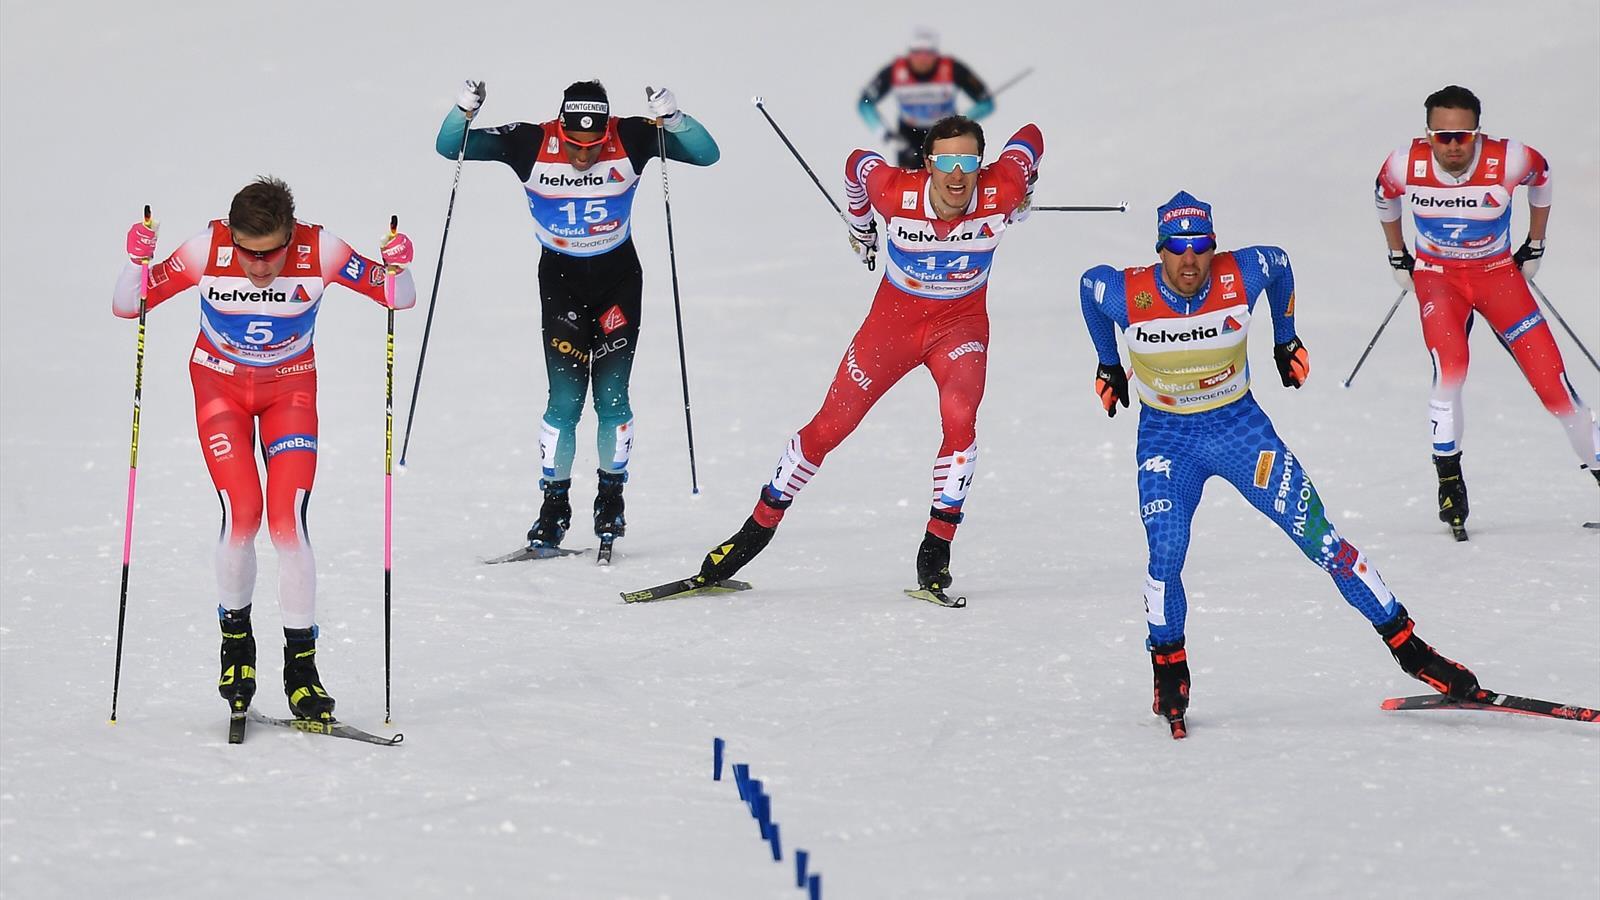 Nordische Ski Wm 2020